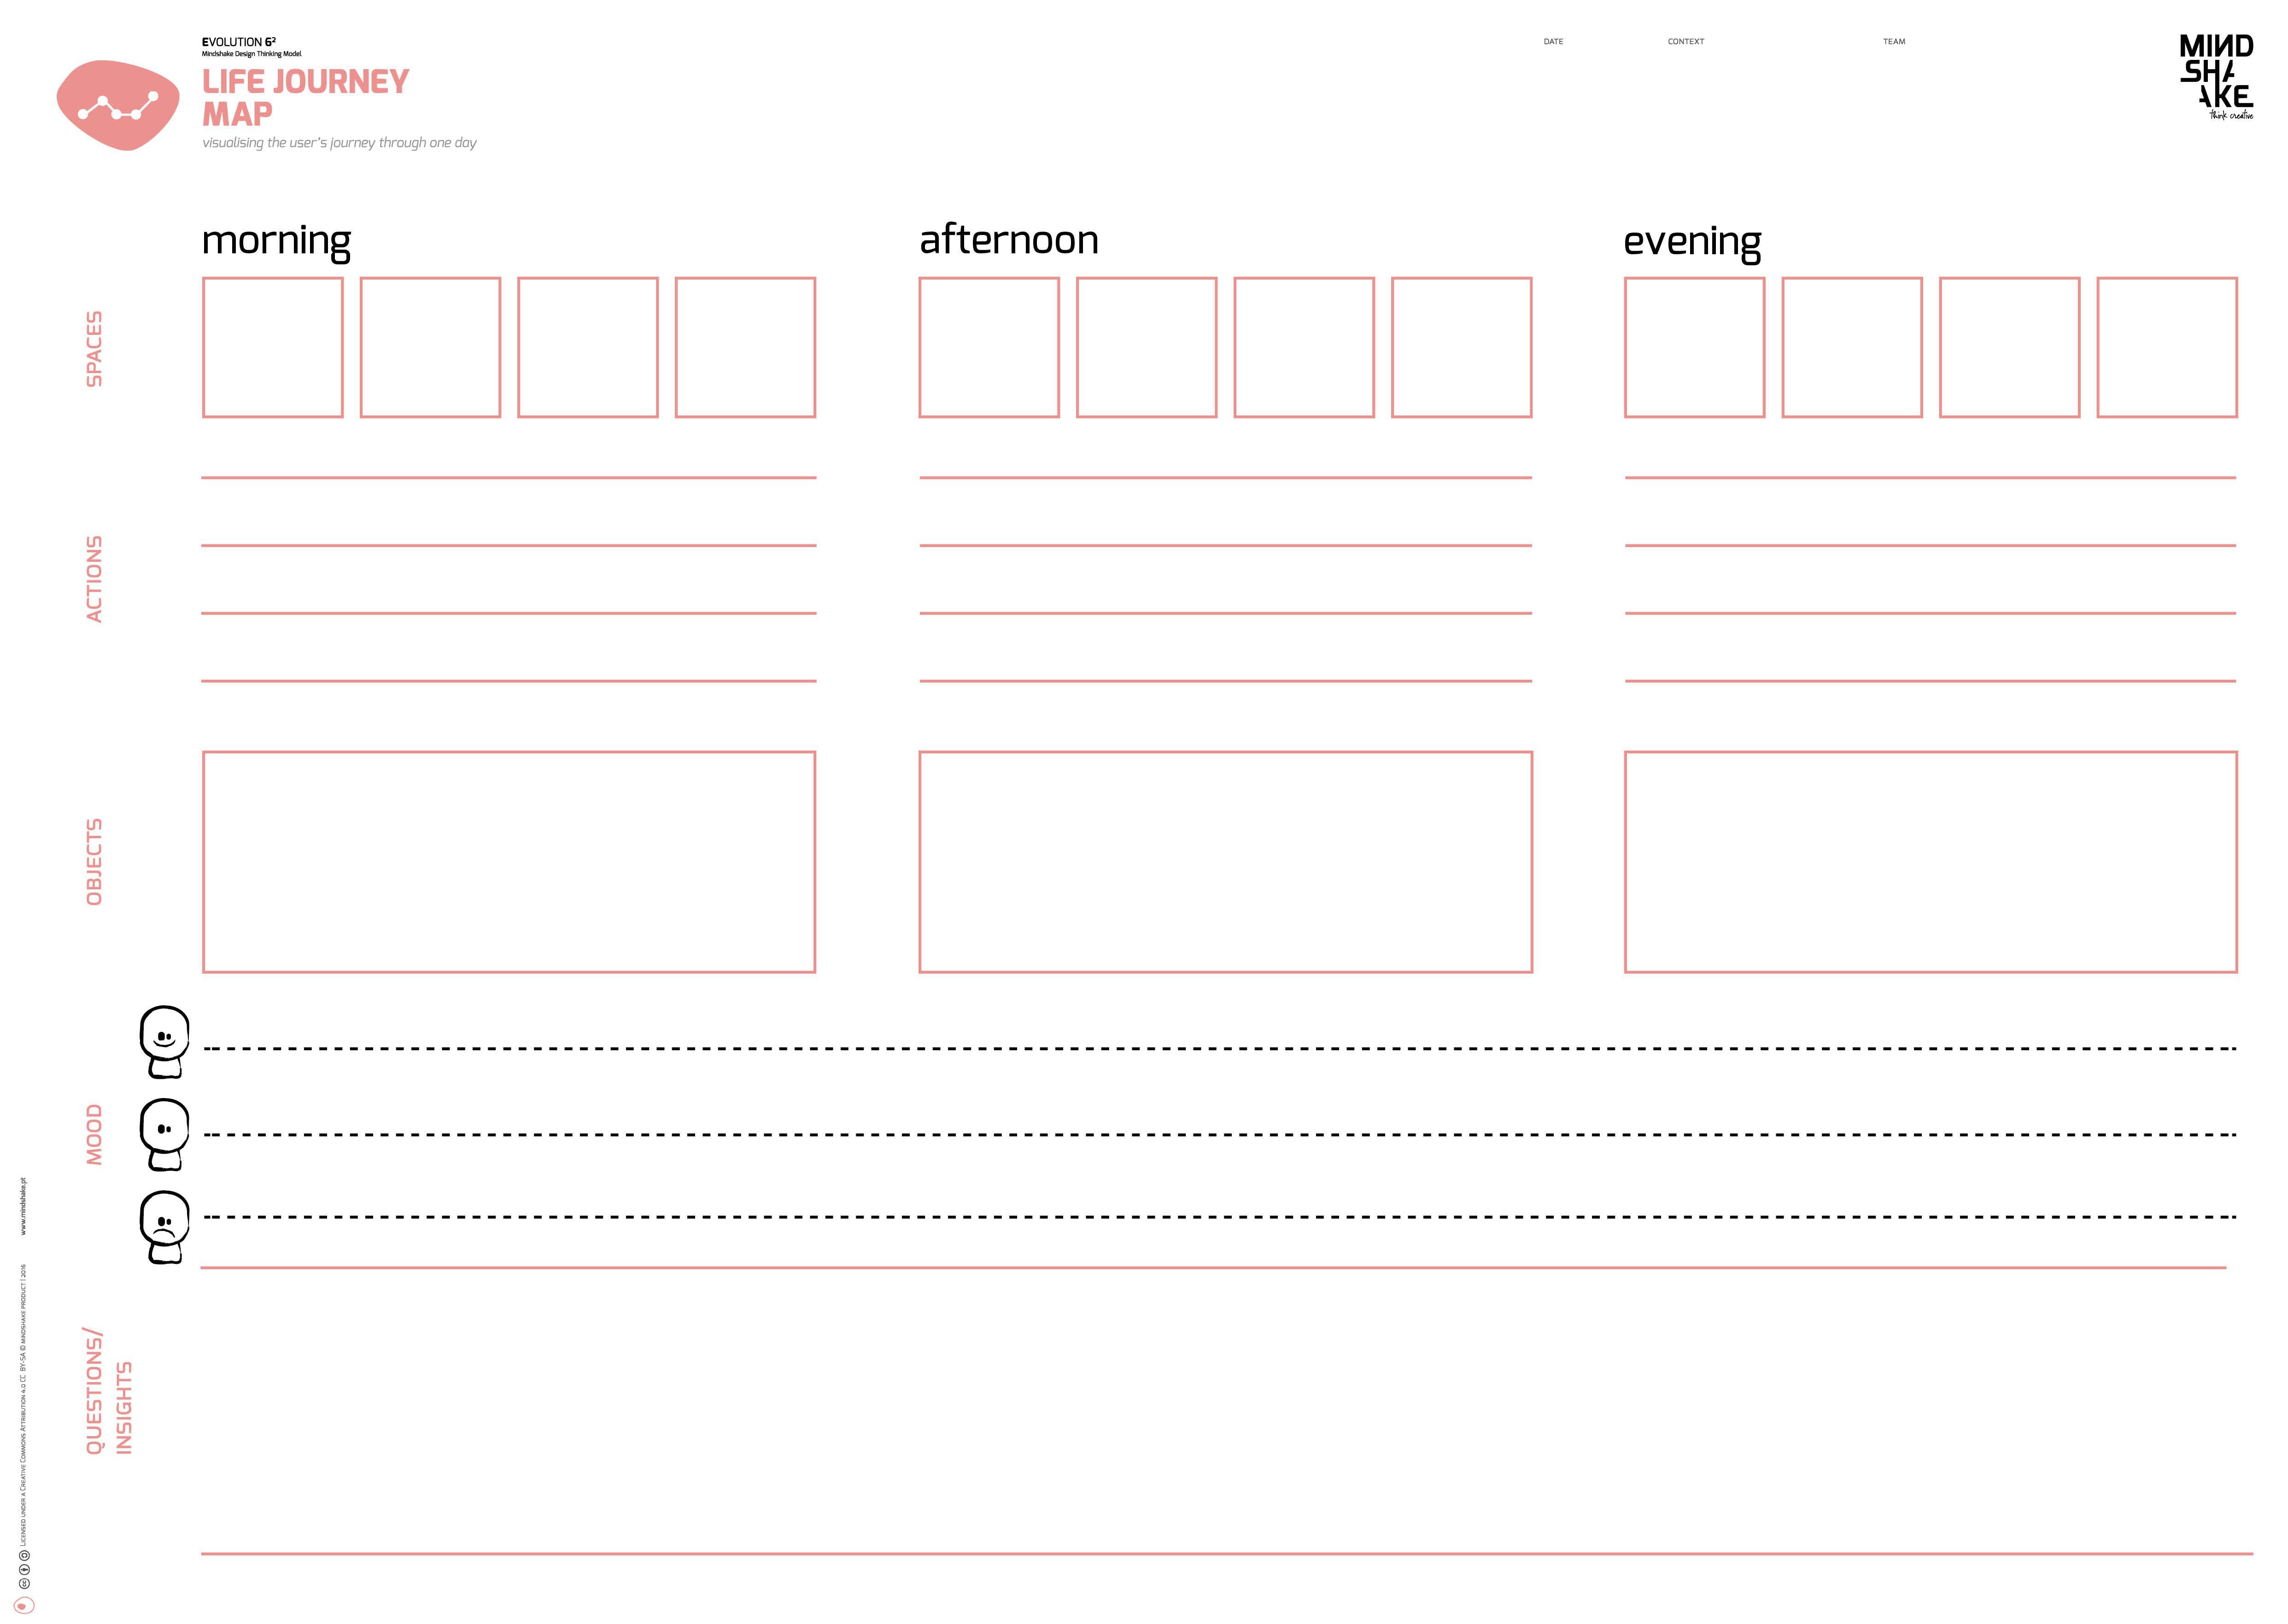 Life Journey Map Mindshake Design Thinking Templates